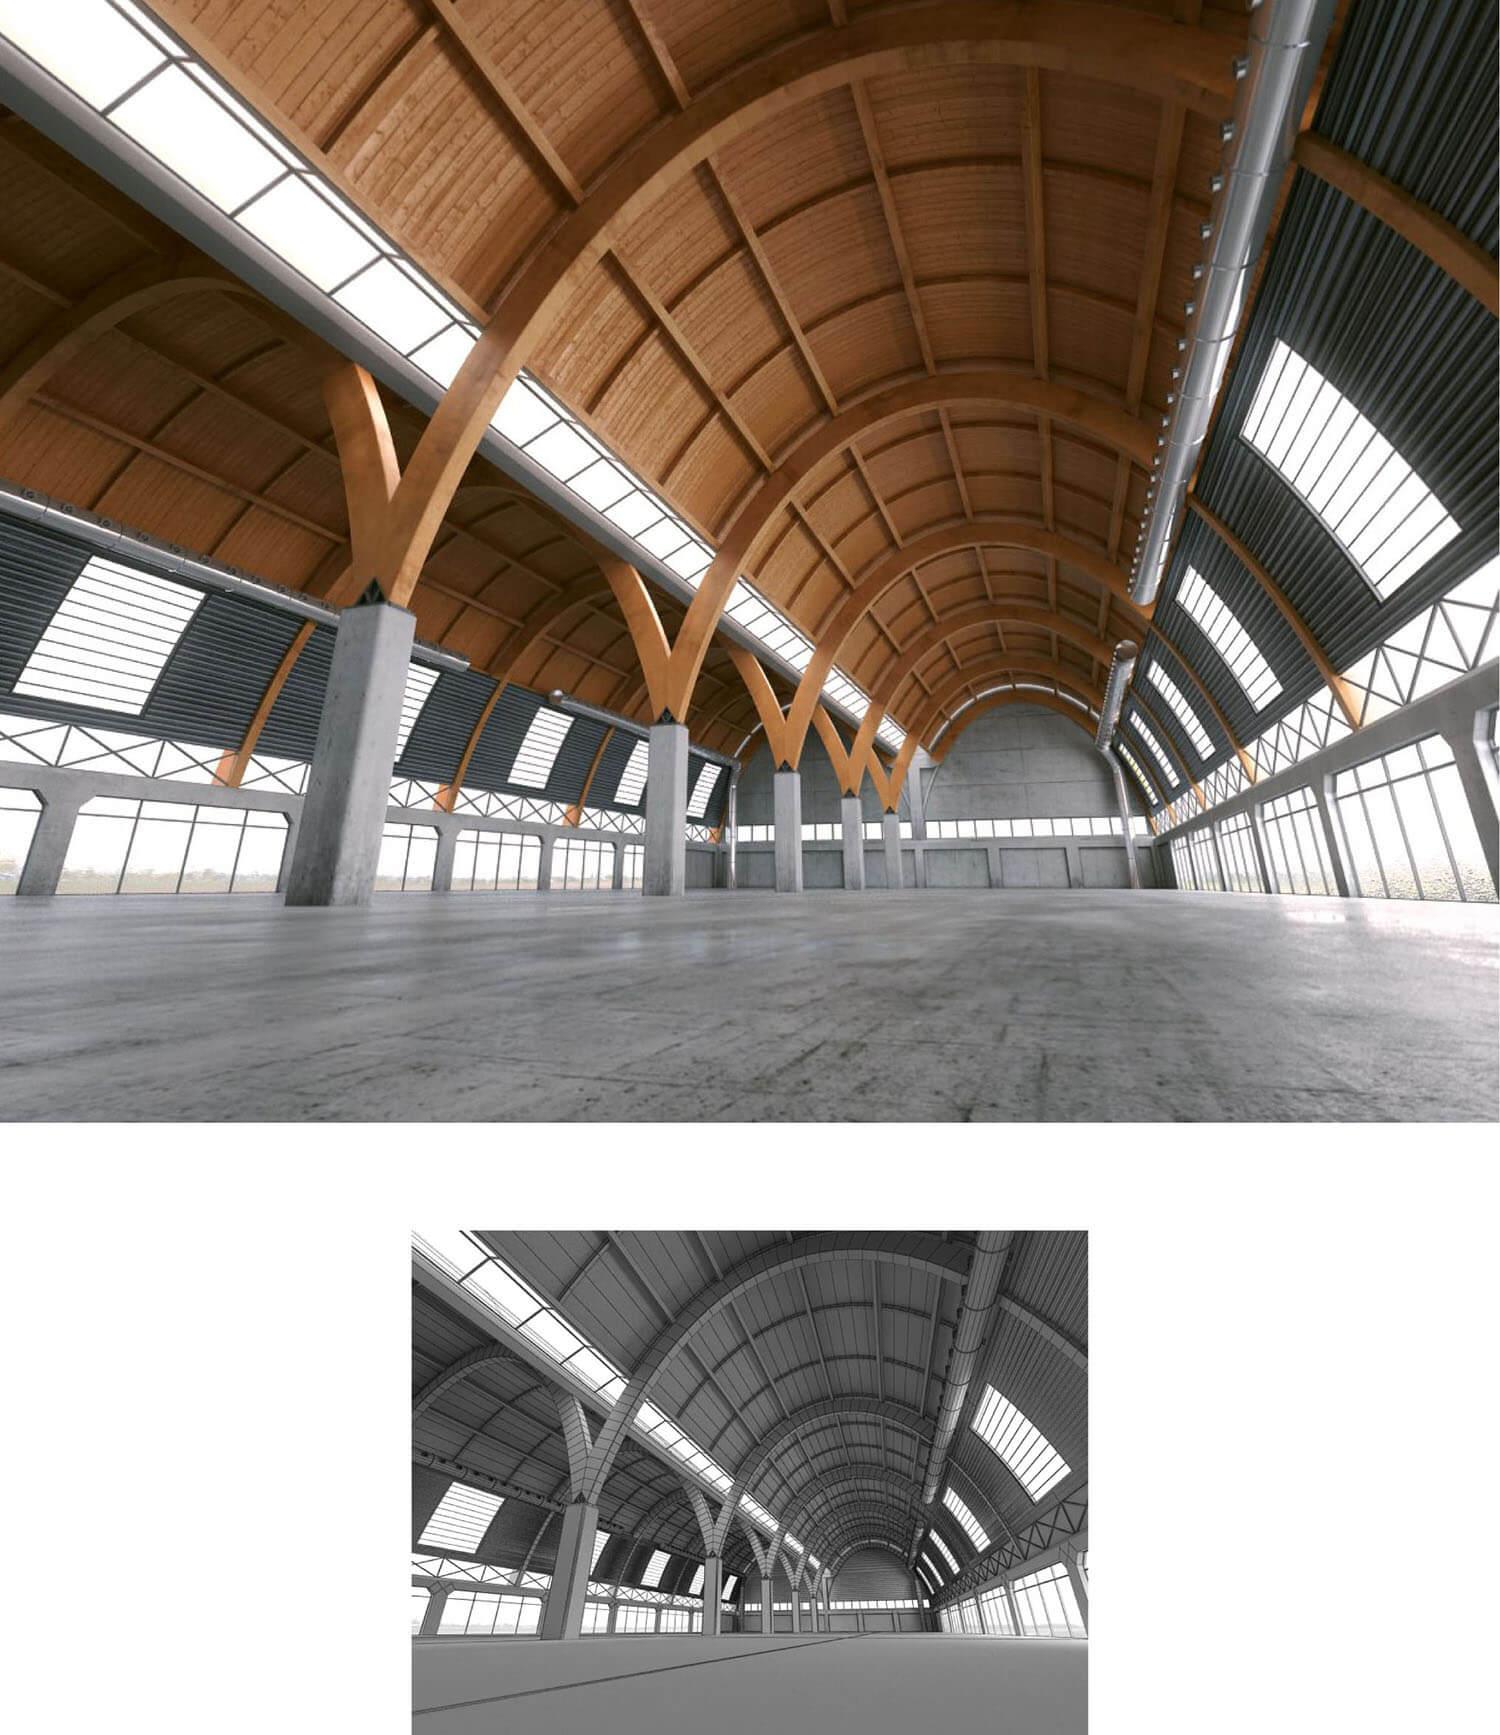 Không gian đại sảnh với trần gỗ uốn cong rất đẹp